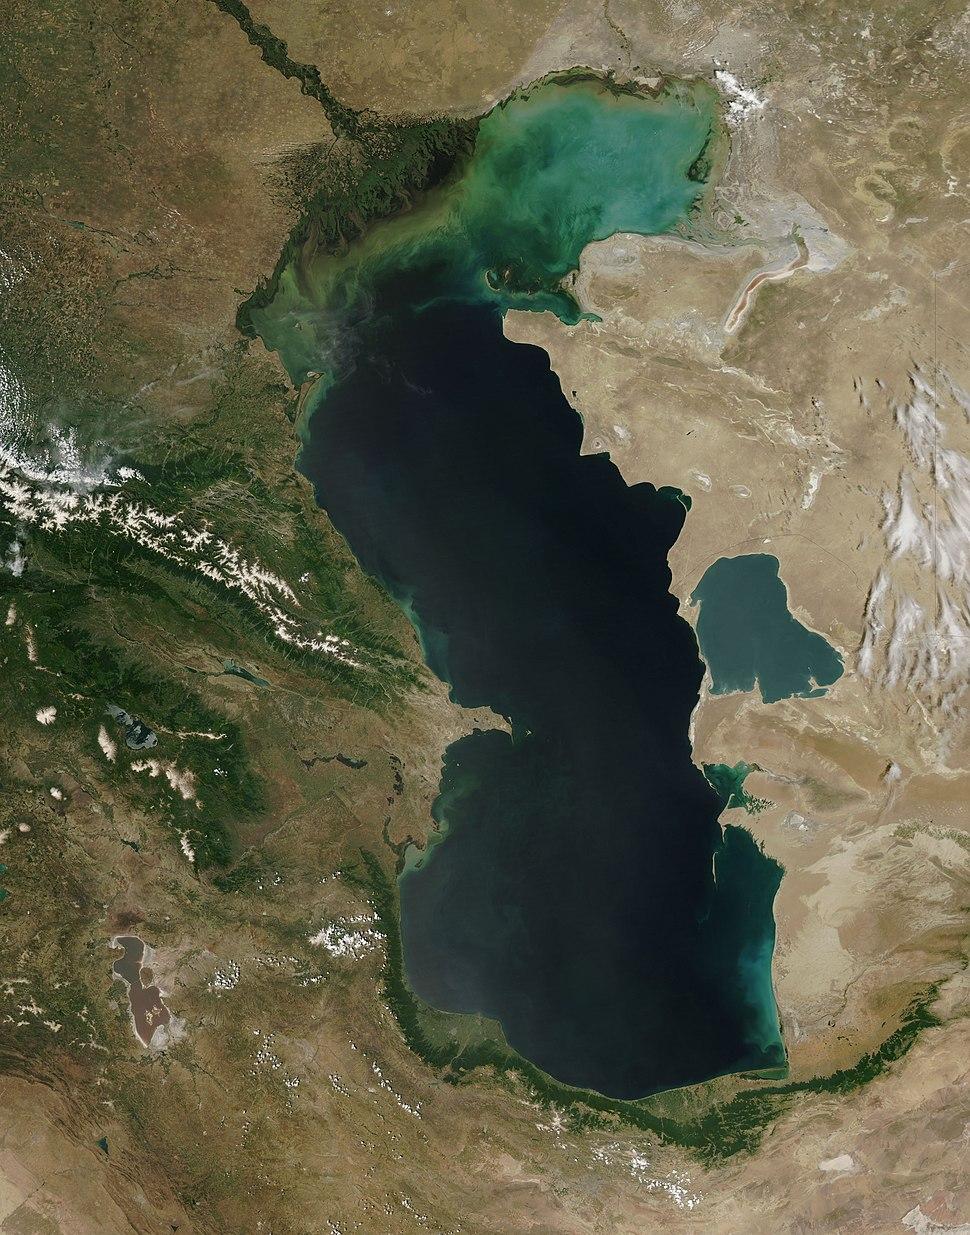 Caspian Sea from orbit